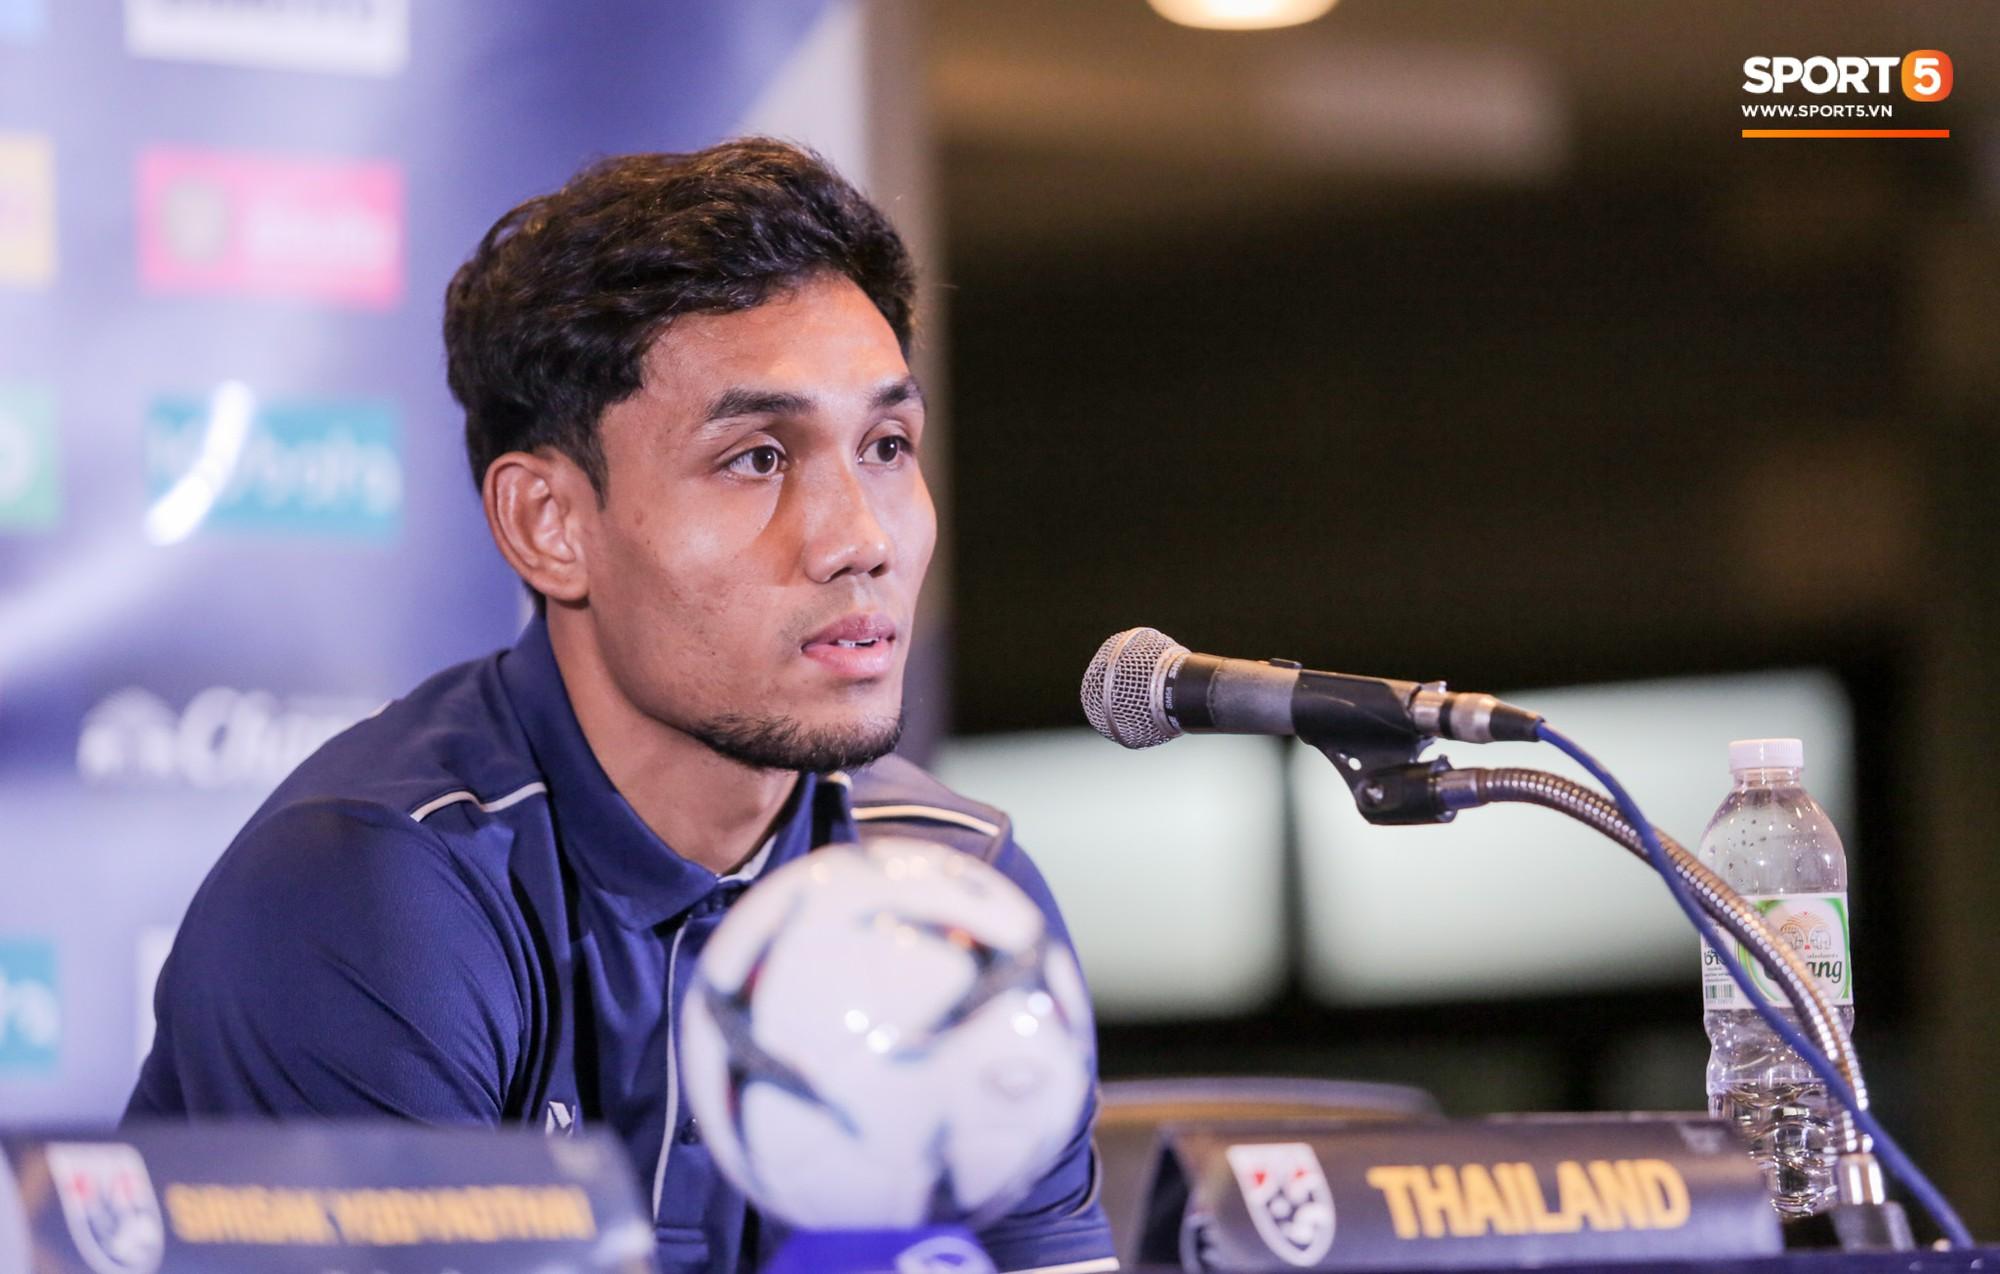 HLV tuyển Thái Lan bật cười khi được hỏi đội nhà hay Việt Nam xuất sắc nhất Đông Nam Á - Ảnh 2.